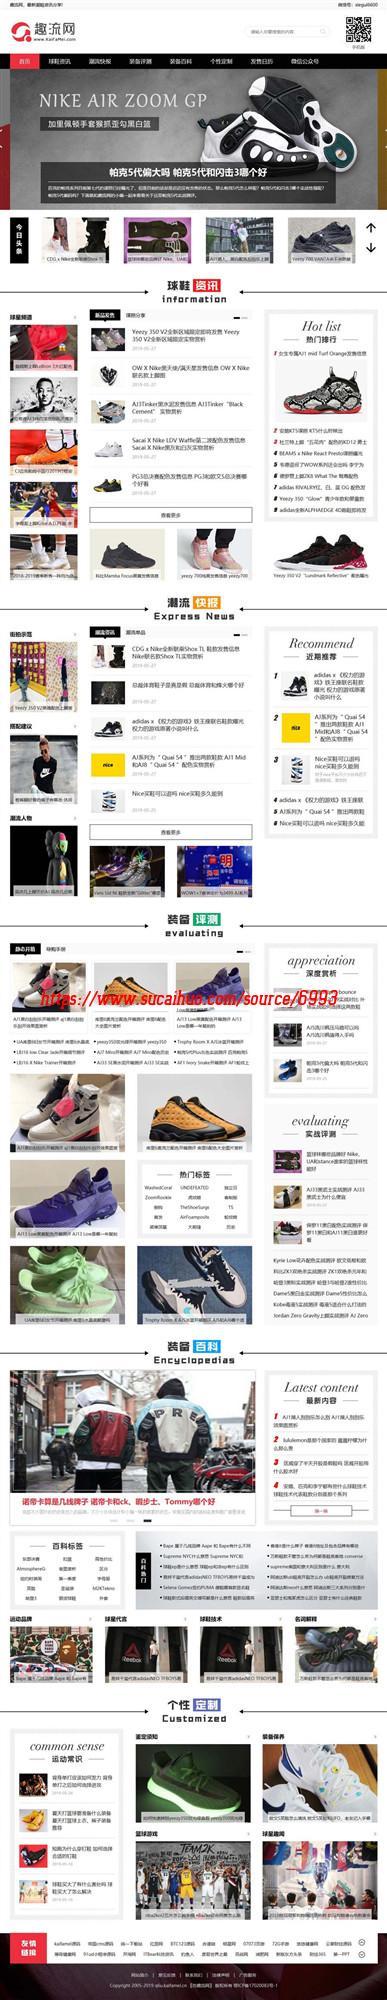 帝国仿《趣流网》源码 运动球鞋资讯门户网站模板 帝国cms7.5带自动采集